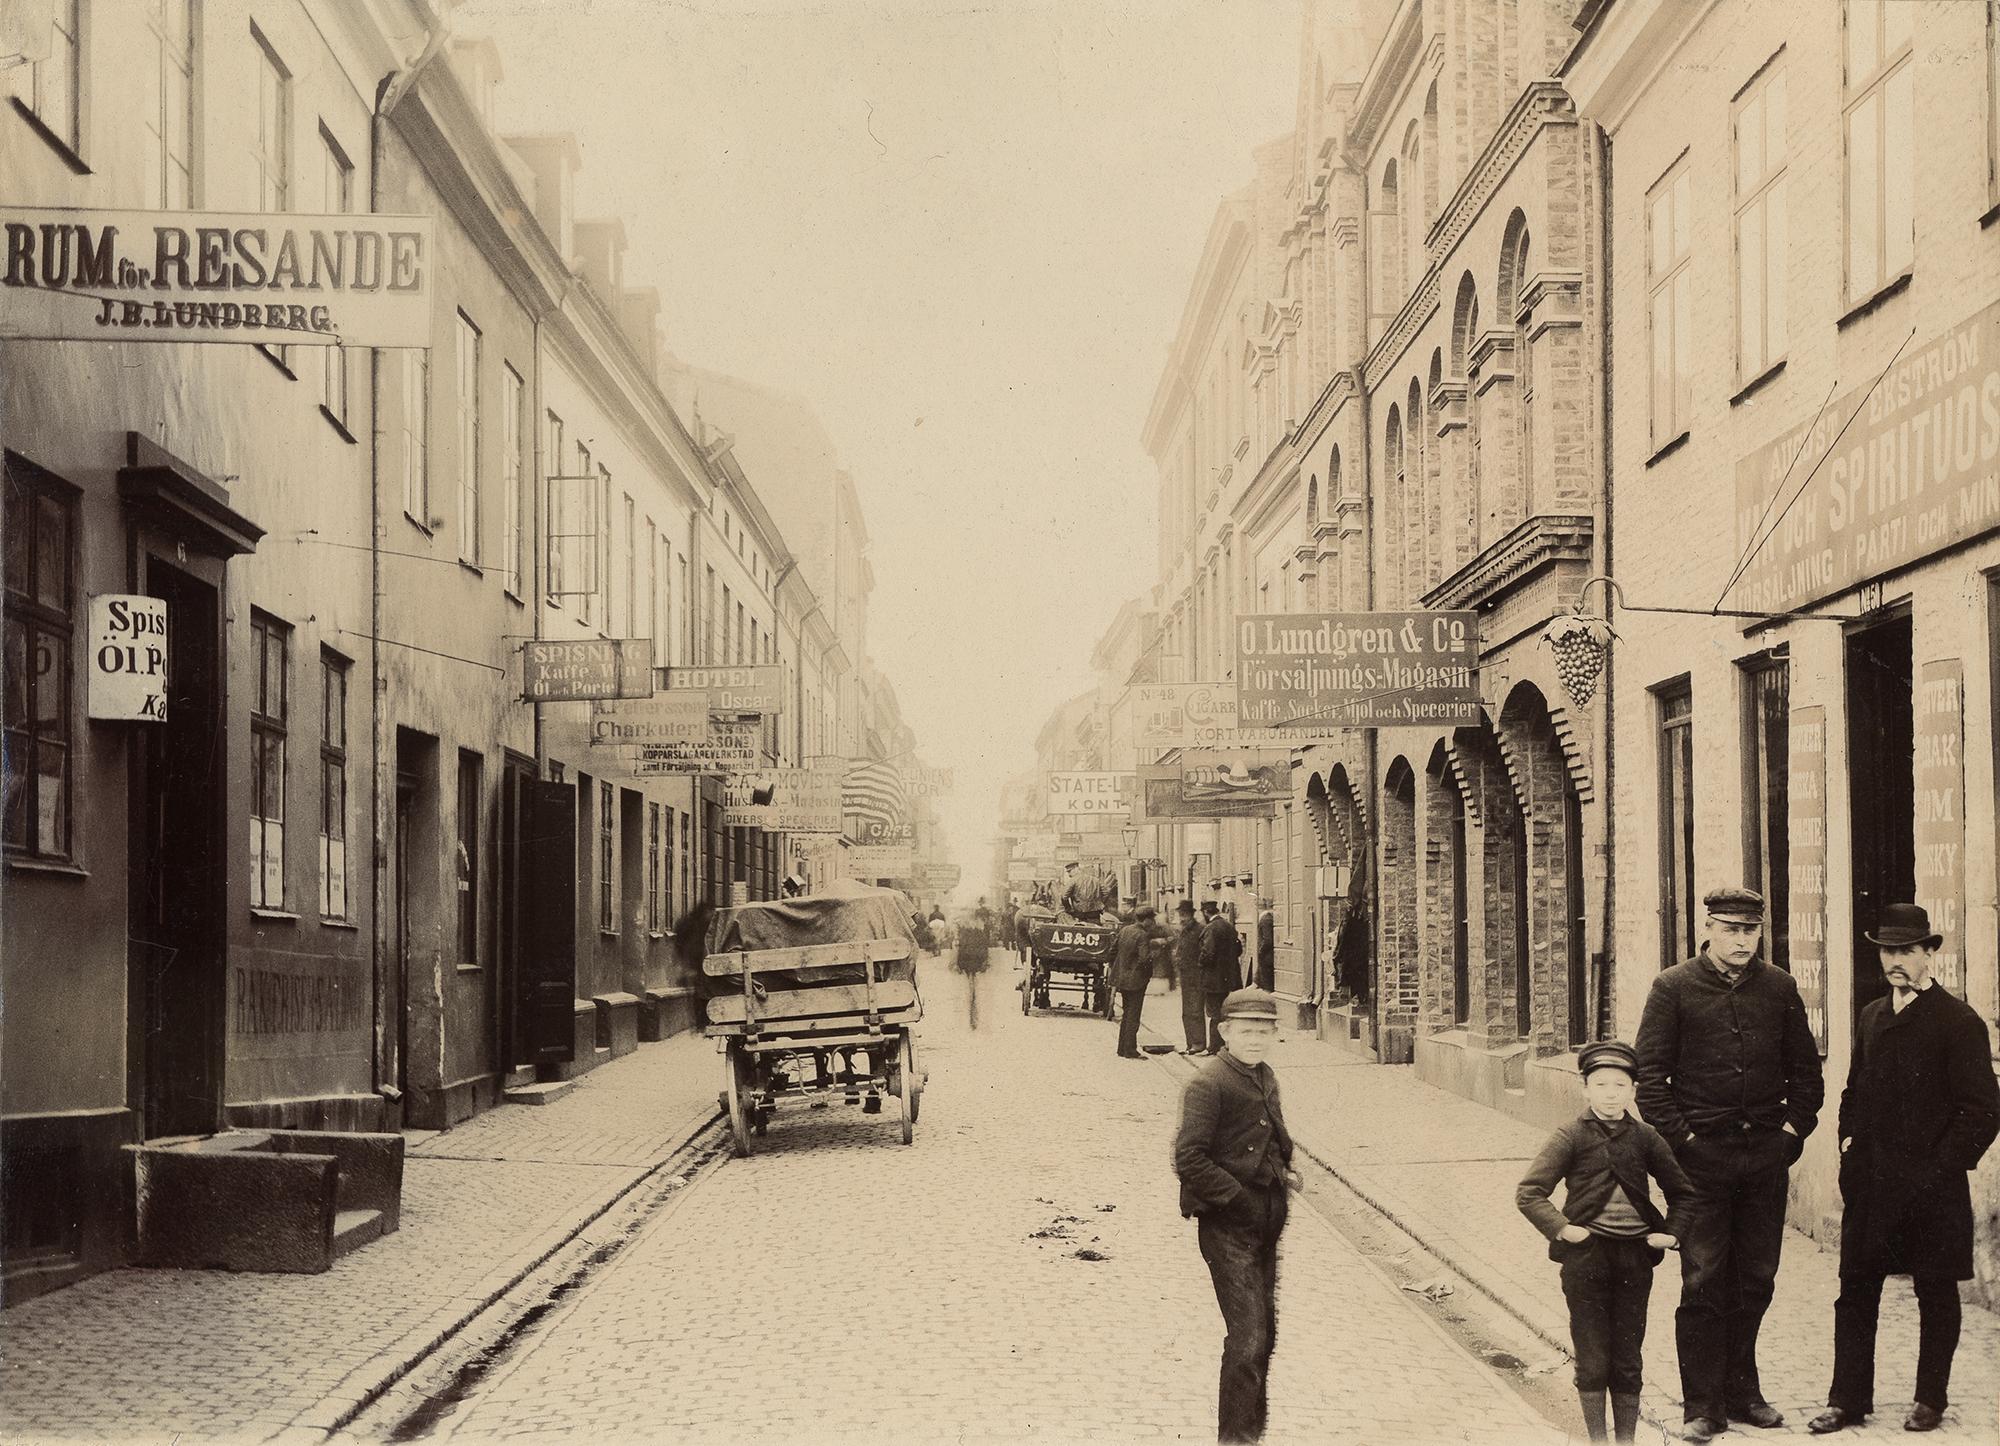 Postgatan, då Sillgatan, fotad 1888. Fyra personer syns i förgrunden och kollar in i kameran.